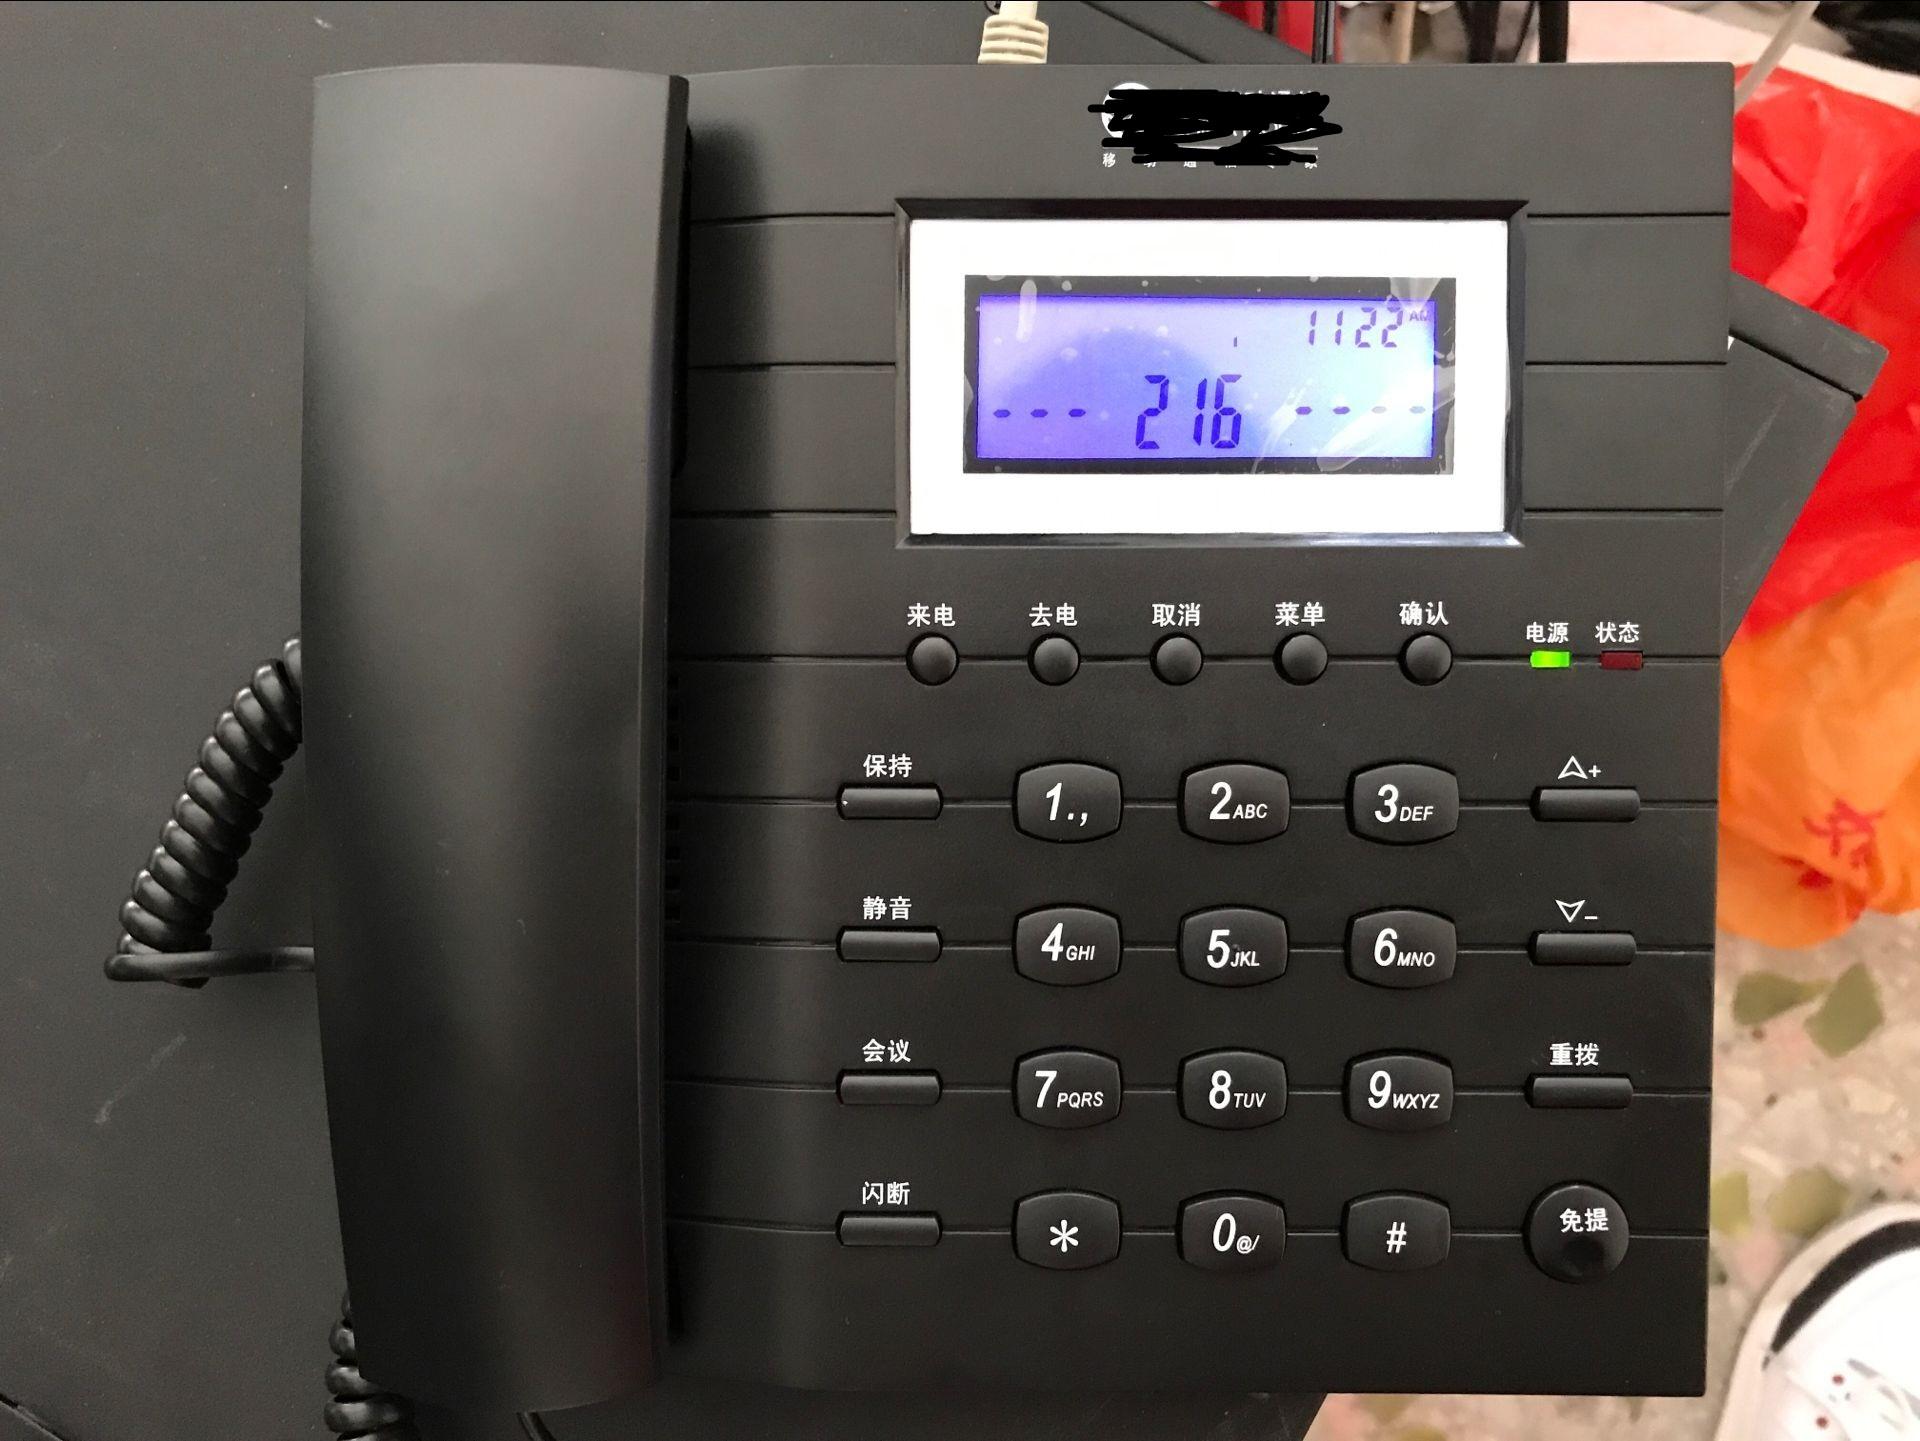 Новые товары IP телефон sip объединение обсуждать сеть voip телефон 500 юань не должен это хорошо может совместимый новости время